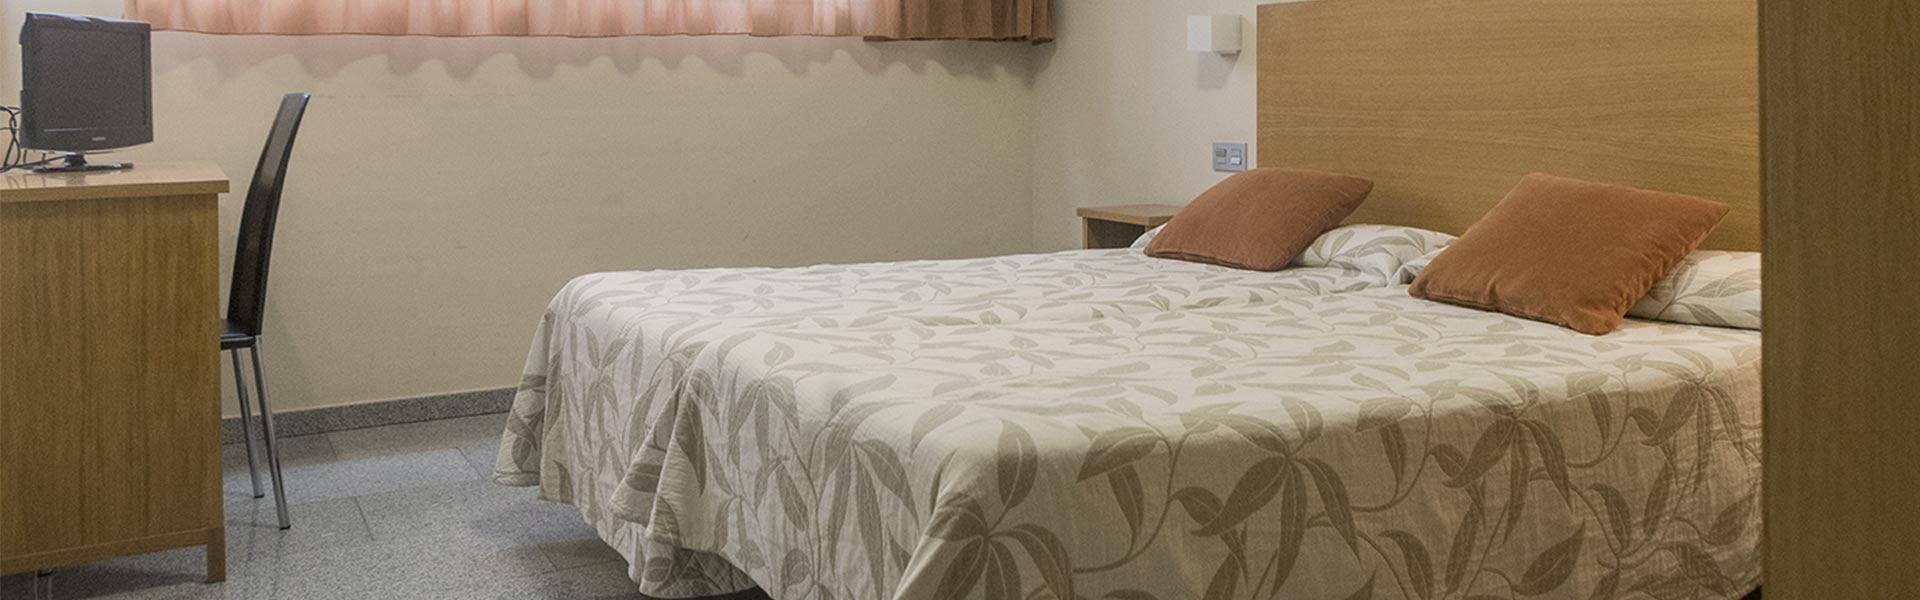 Habitaciones hotel Palacio de Asturias